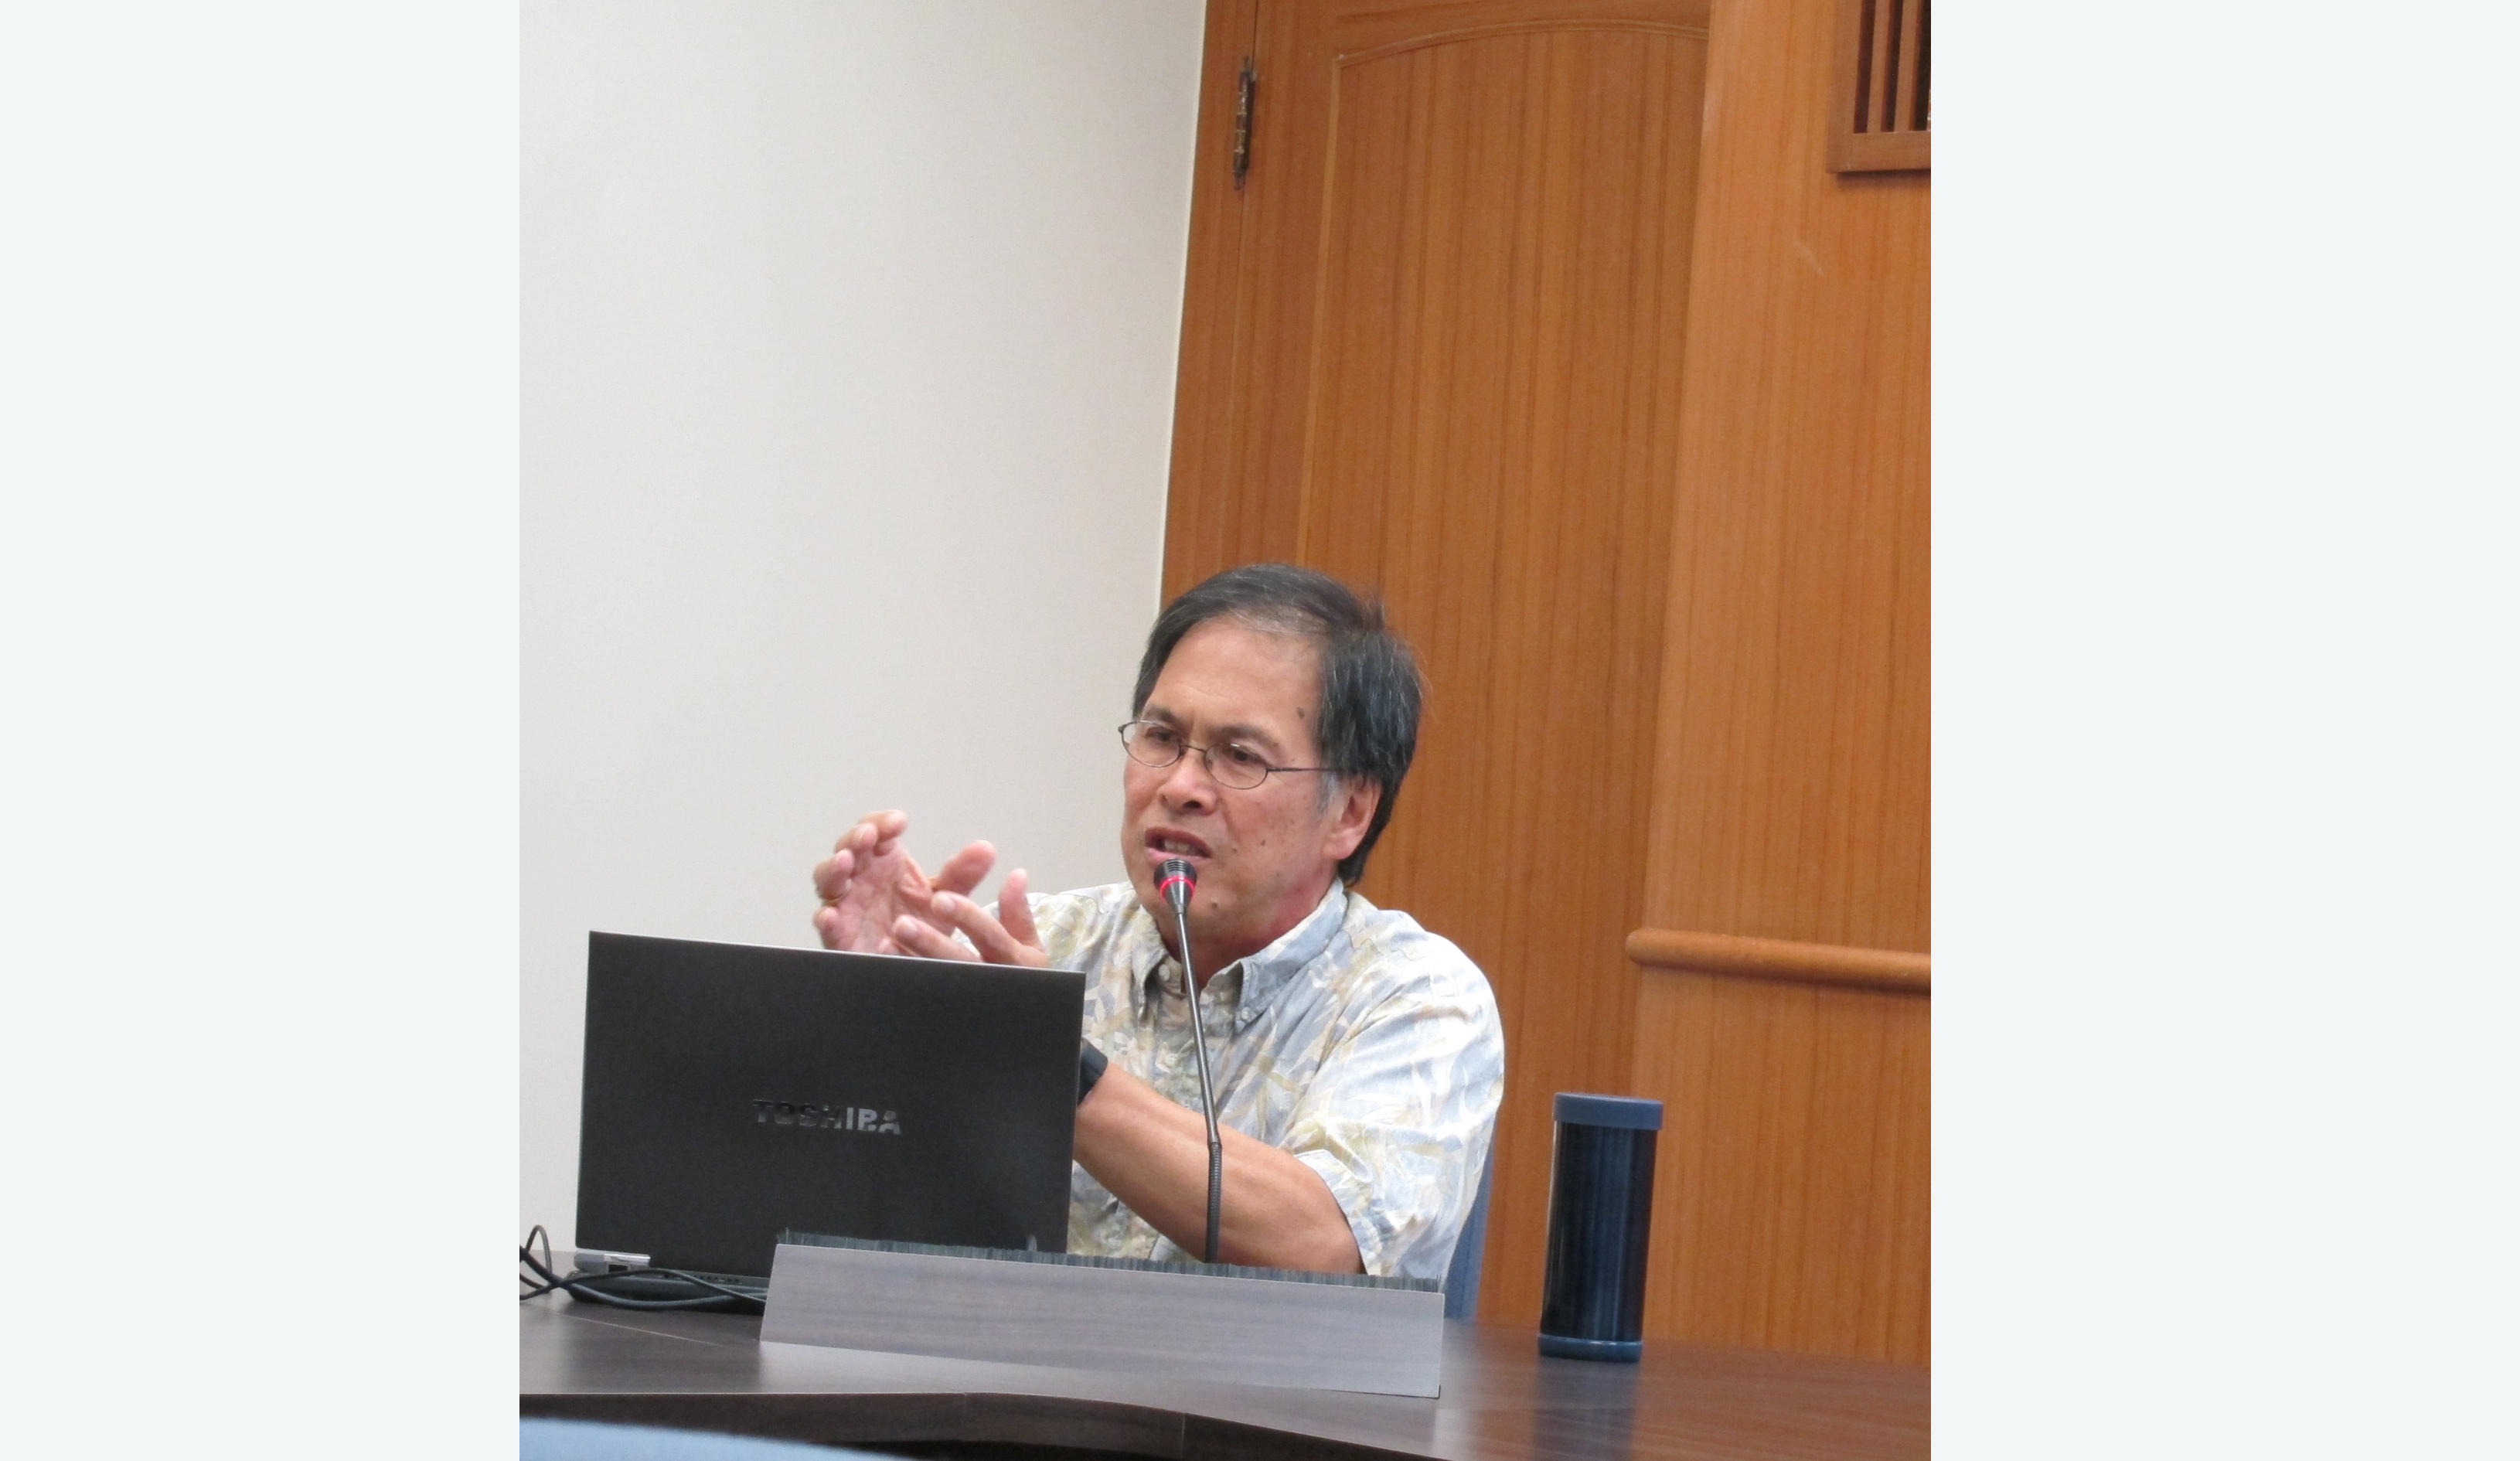 王國斌教授演講「中國歷史對於瞭解中國現況的意義」紀要